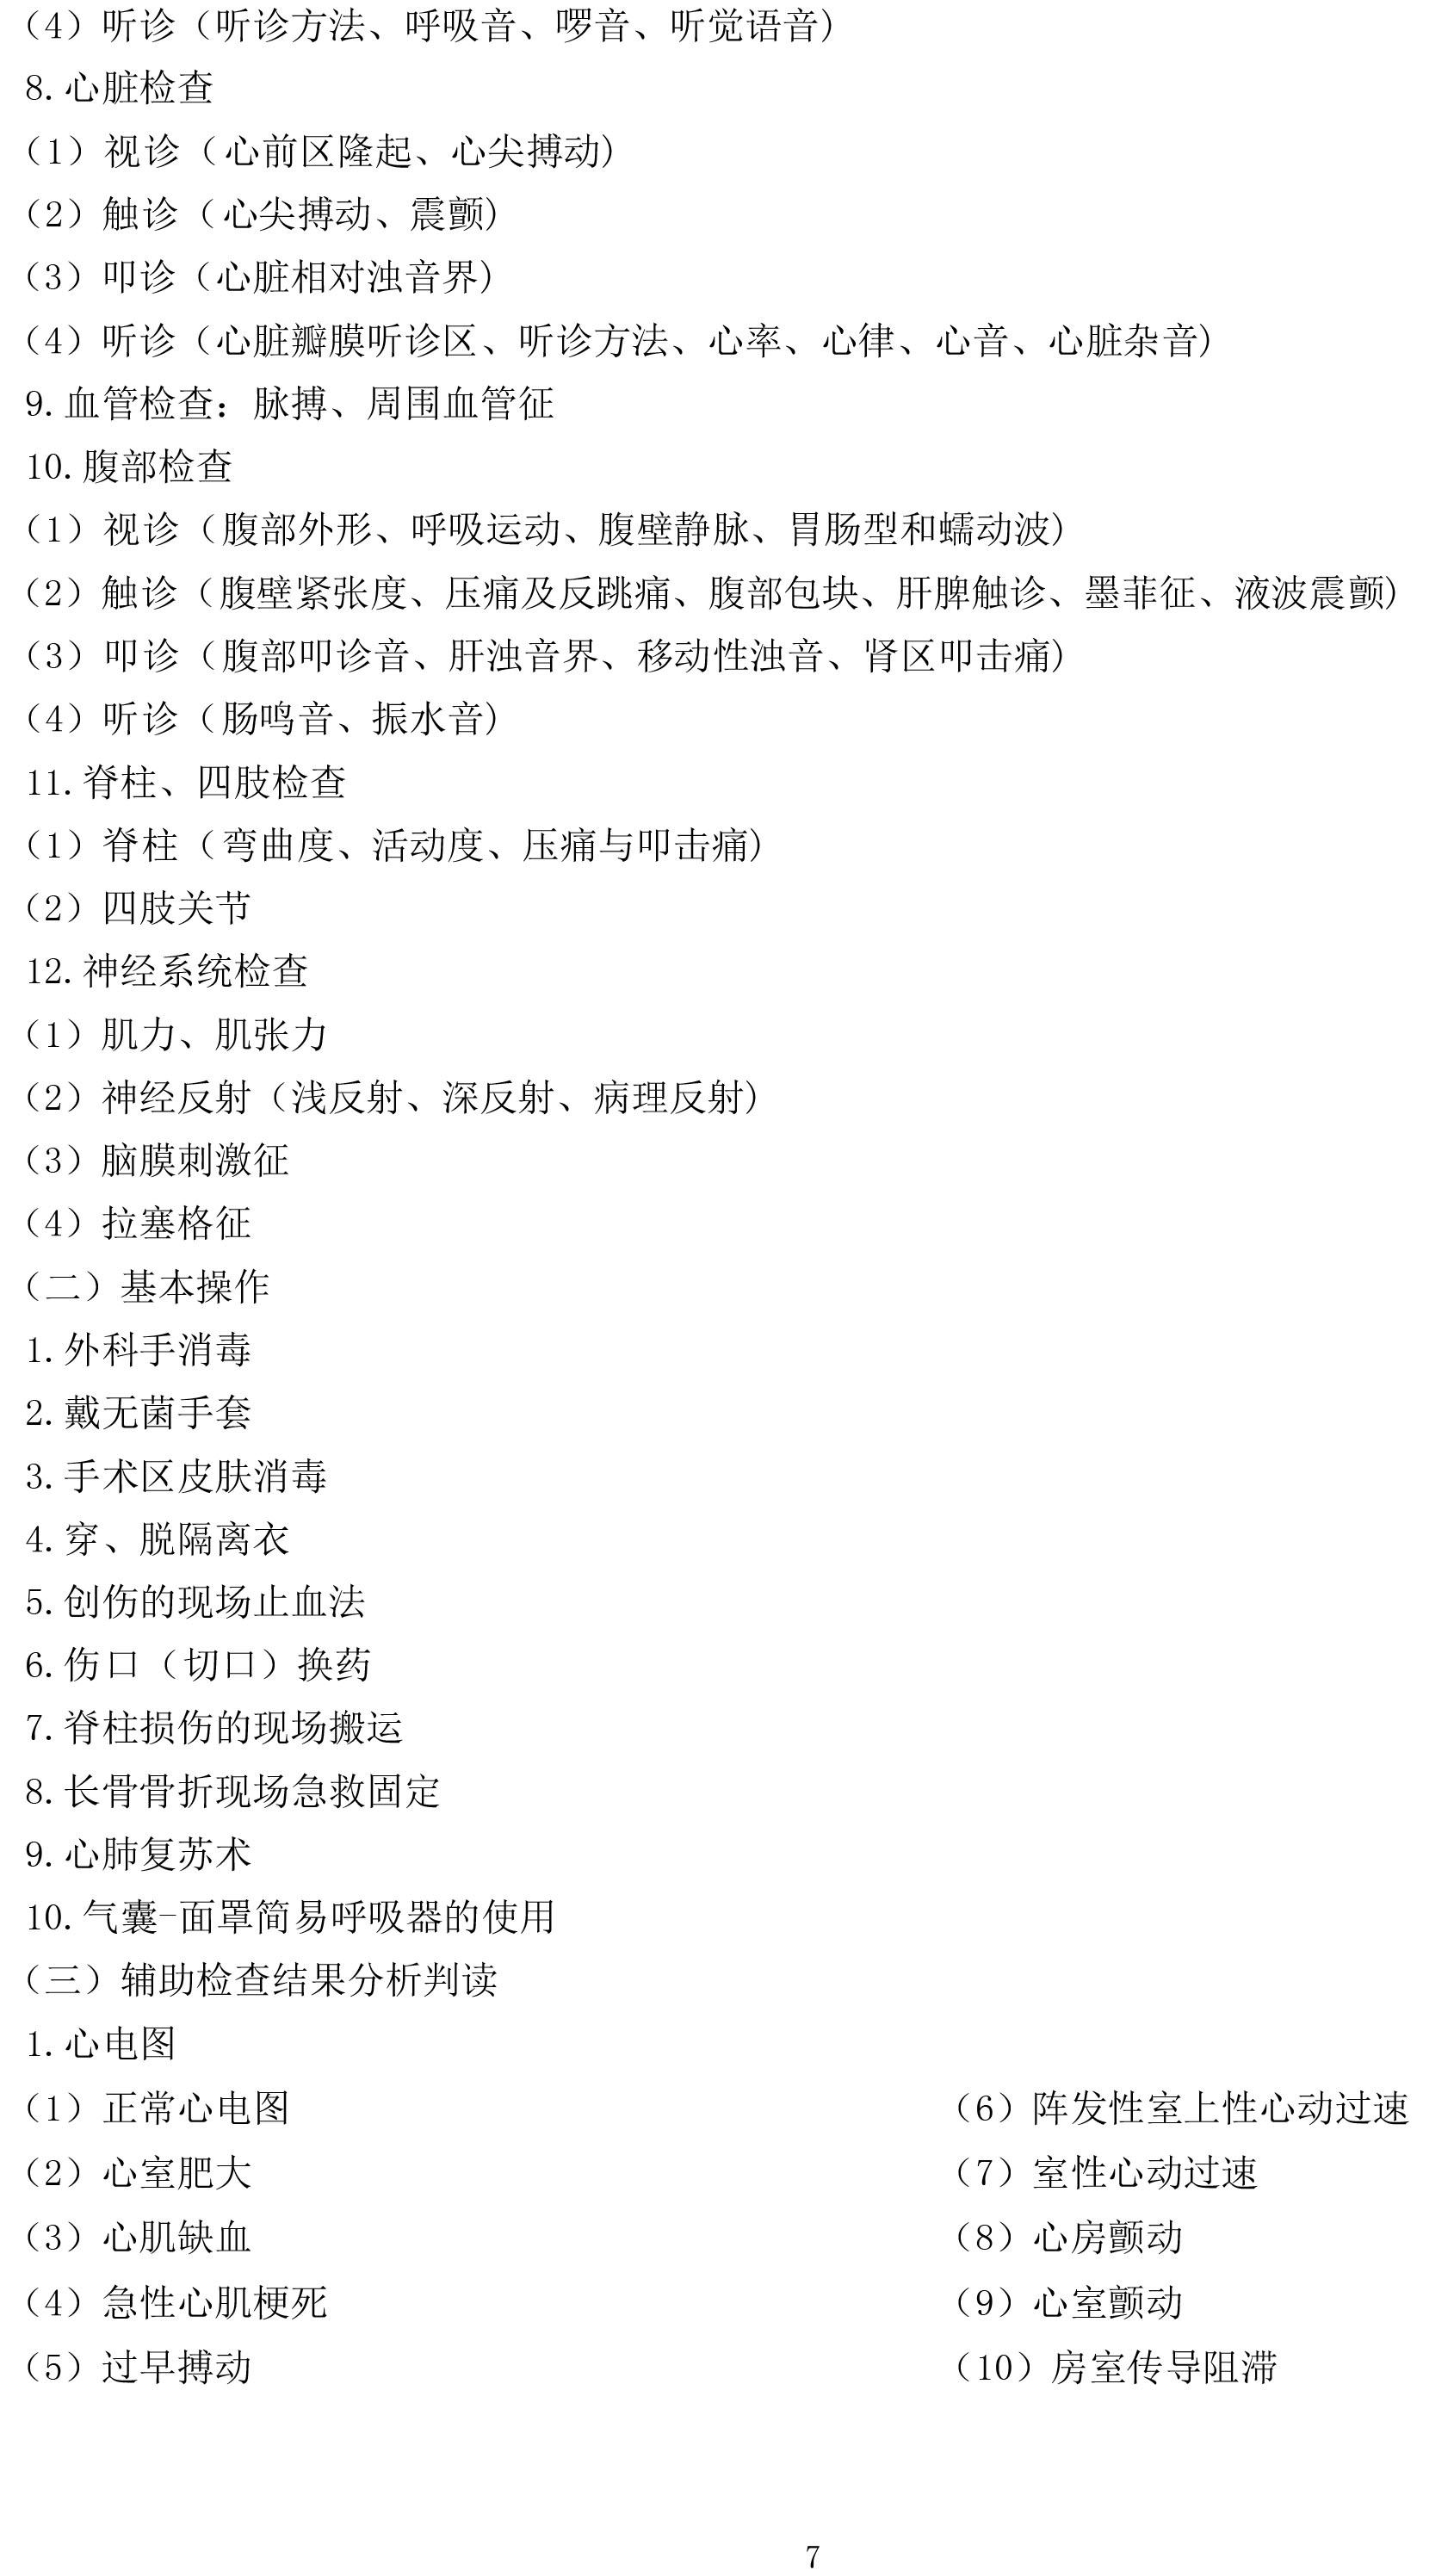 中医执业助理医师《实践技能》考试大纲(2020年版)